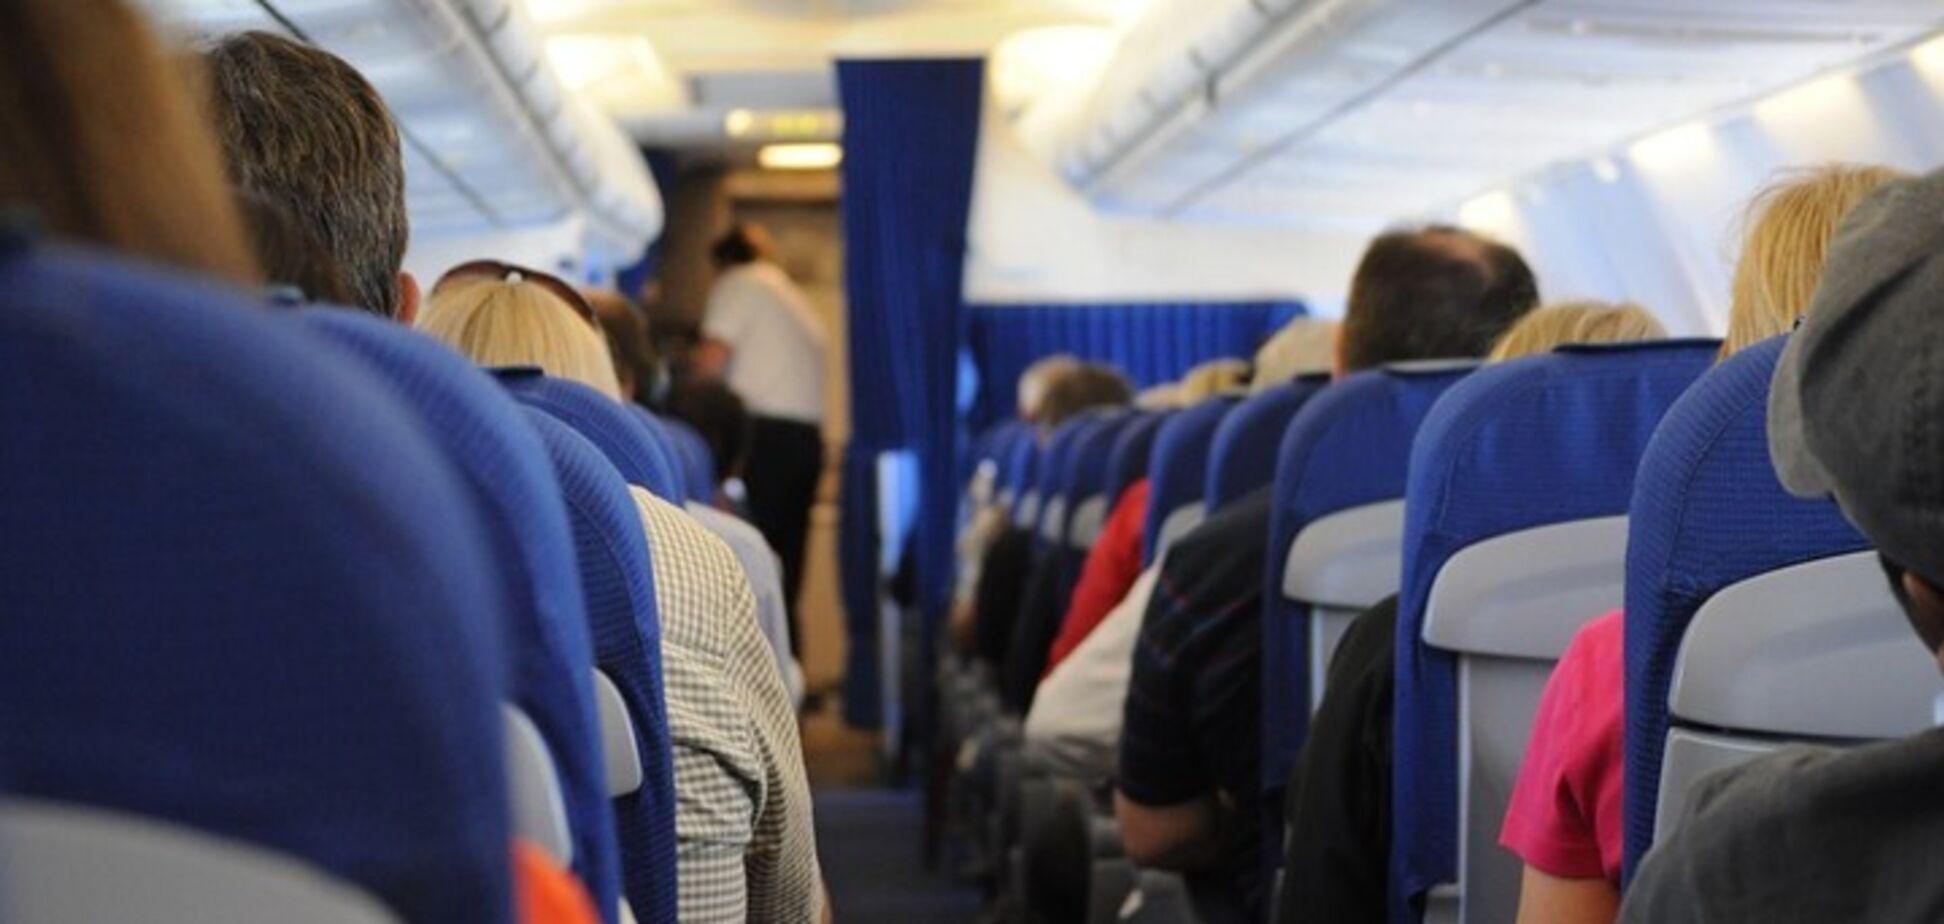 Пасажирка влаштувала п'яний дебош в літаку і вчепилася в стюардесу